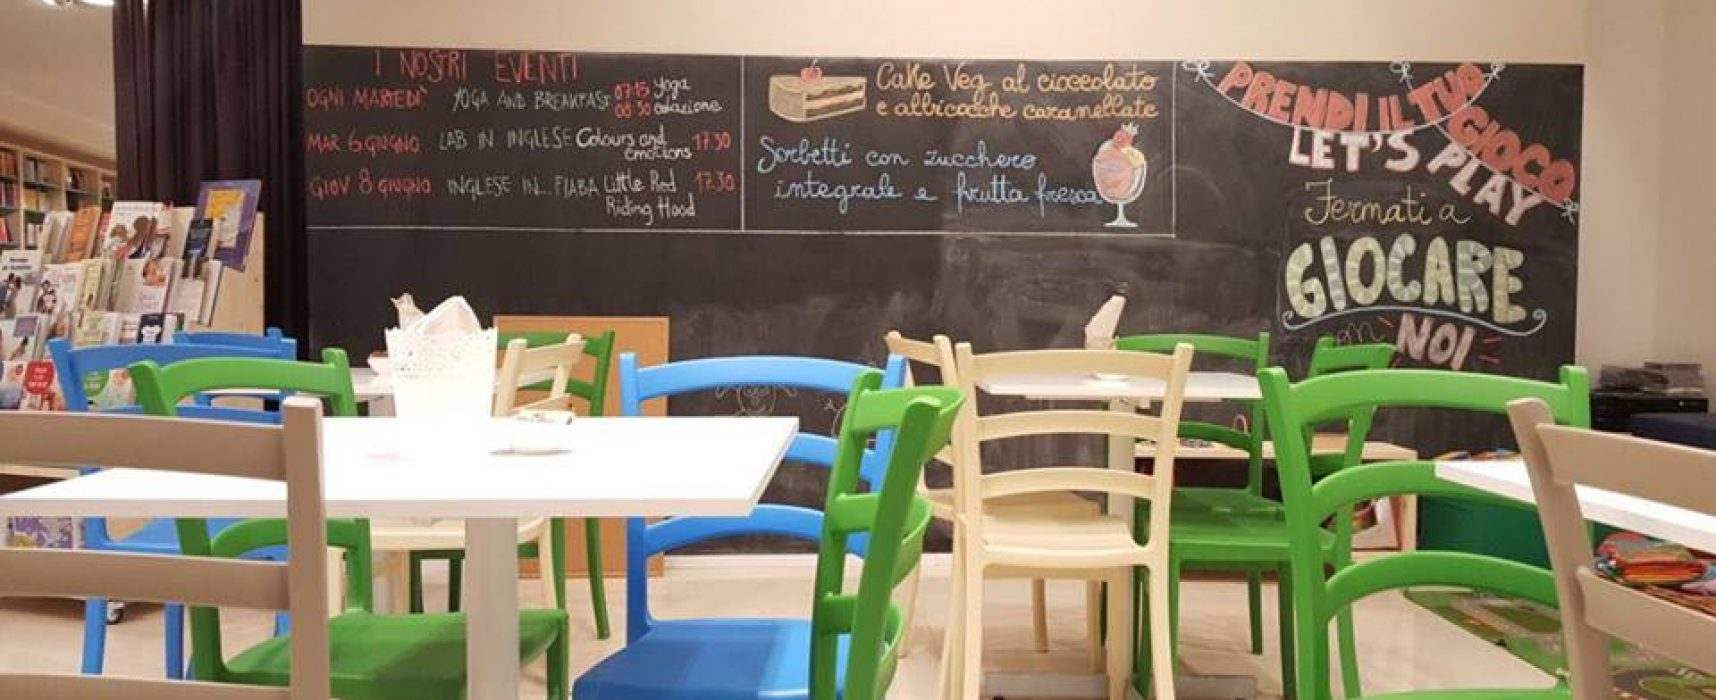 """Si ritorna a """"Scuola di Salute"""" con Massimo Valente, oggi primo appuntamento"""